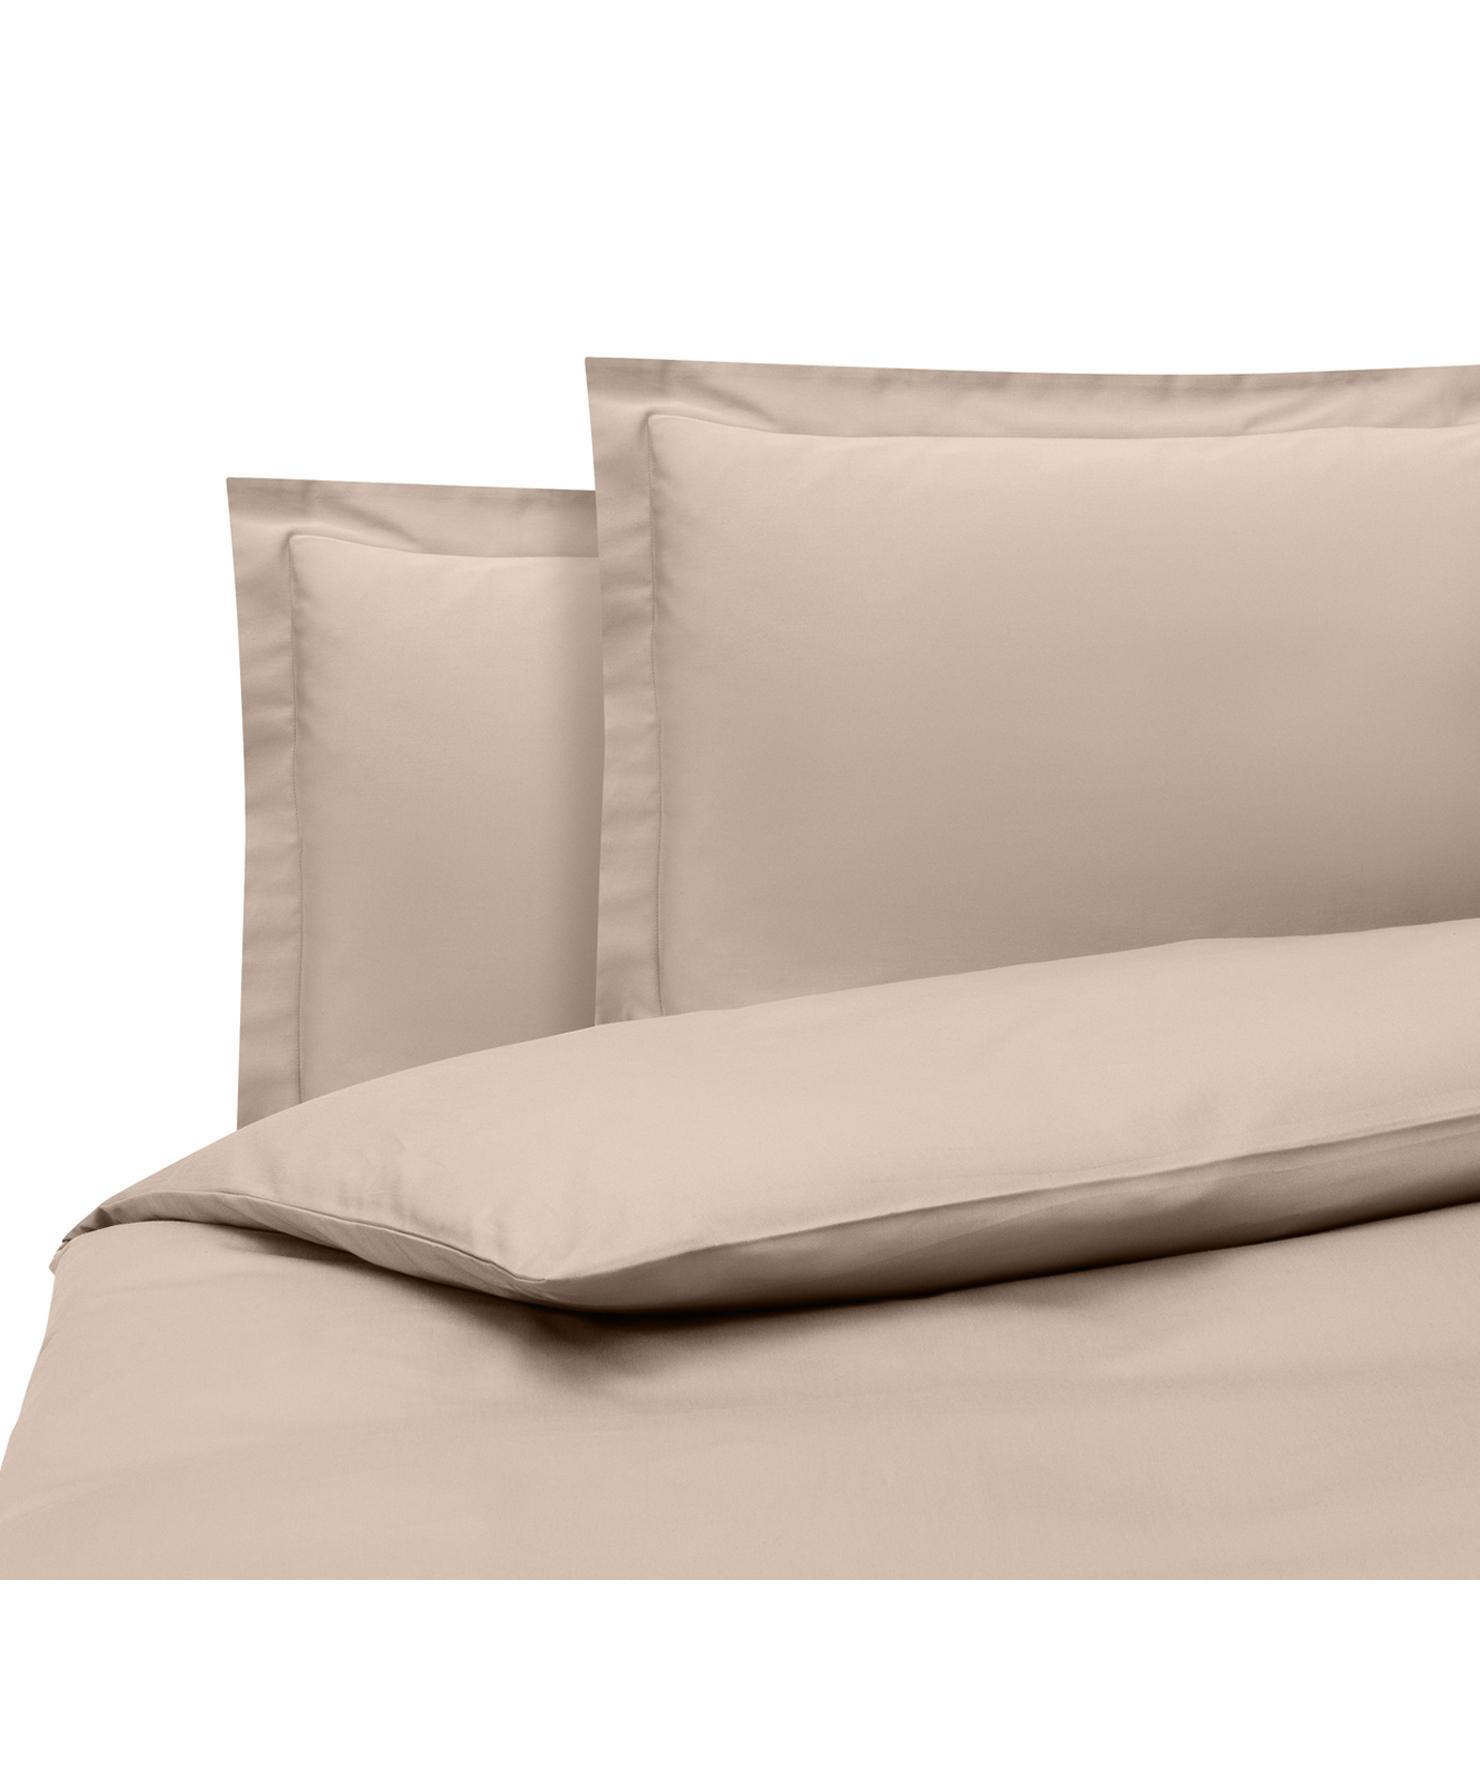 Parure copripiumino in raso di cotone taupe Premium, Tessuto: raso, leggermente lucido, Taupe, 200 x 200 cm